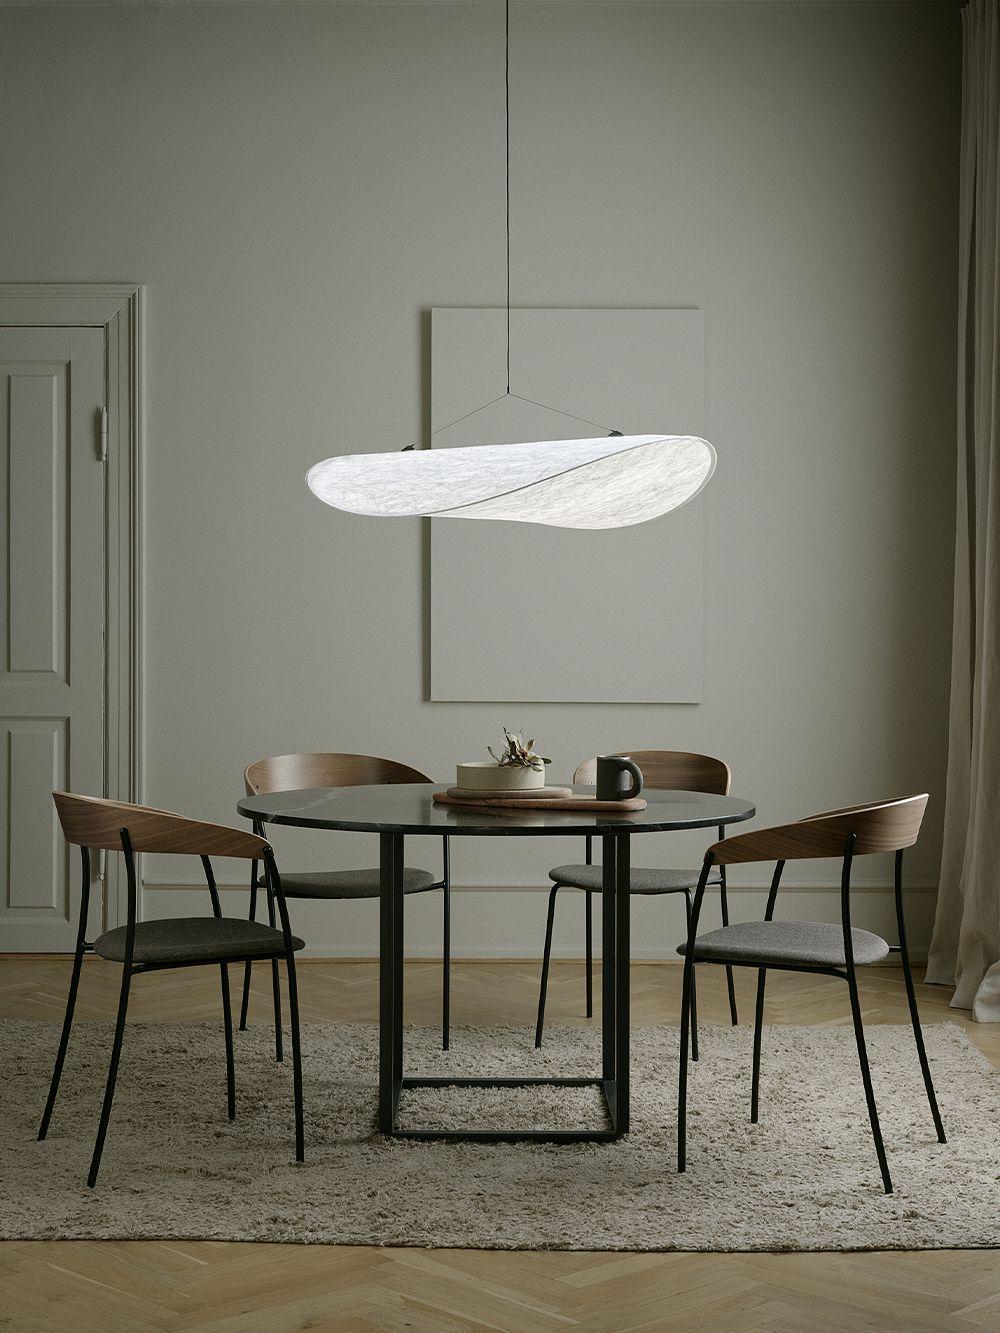 New Works Tense pendant light